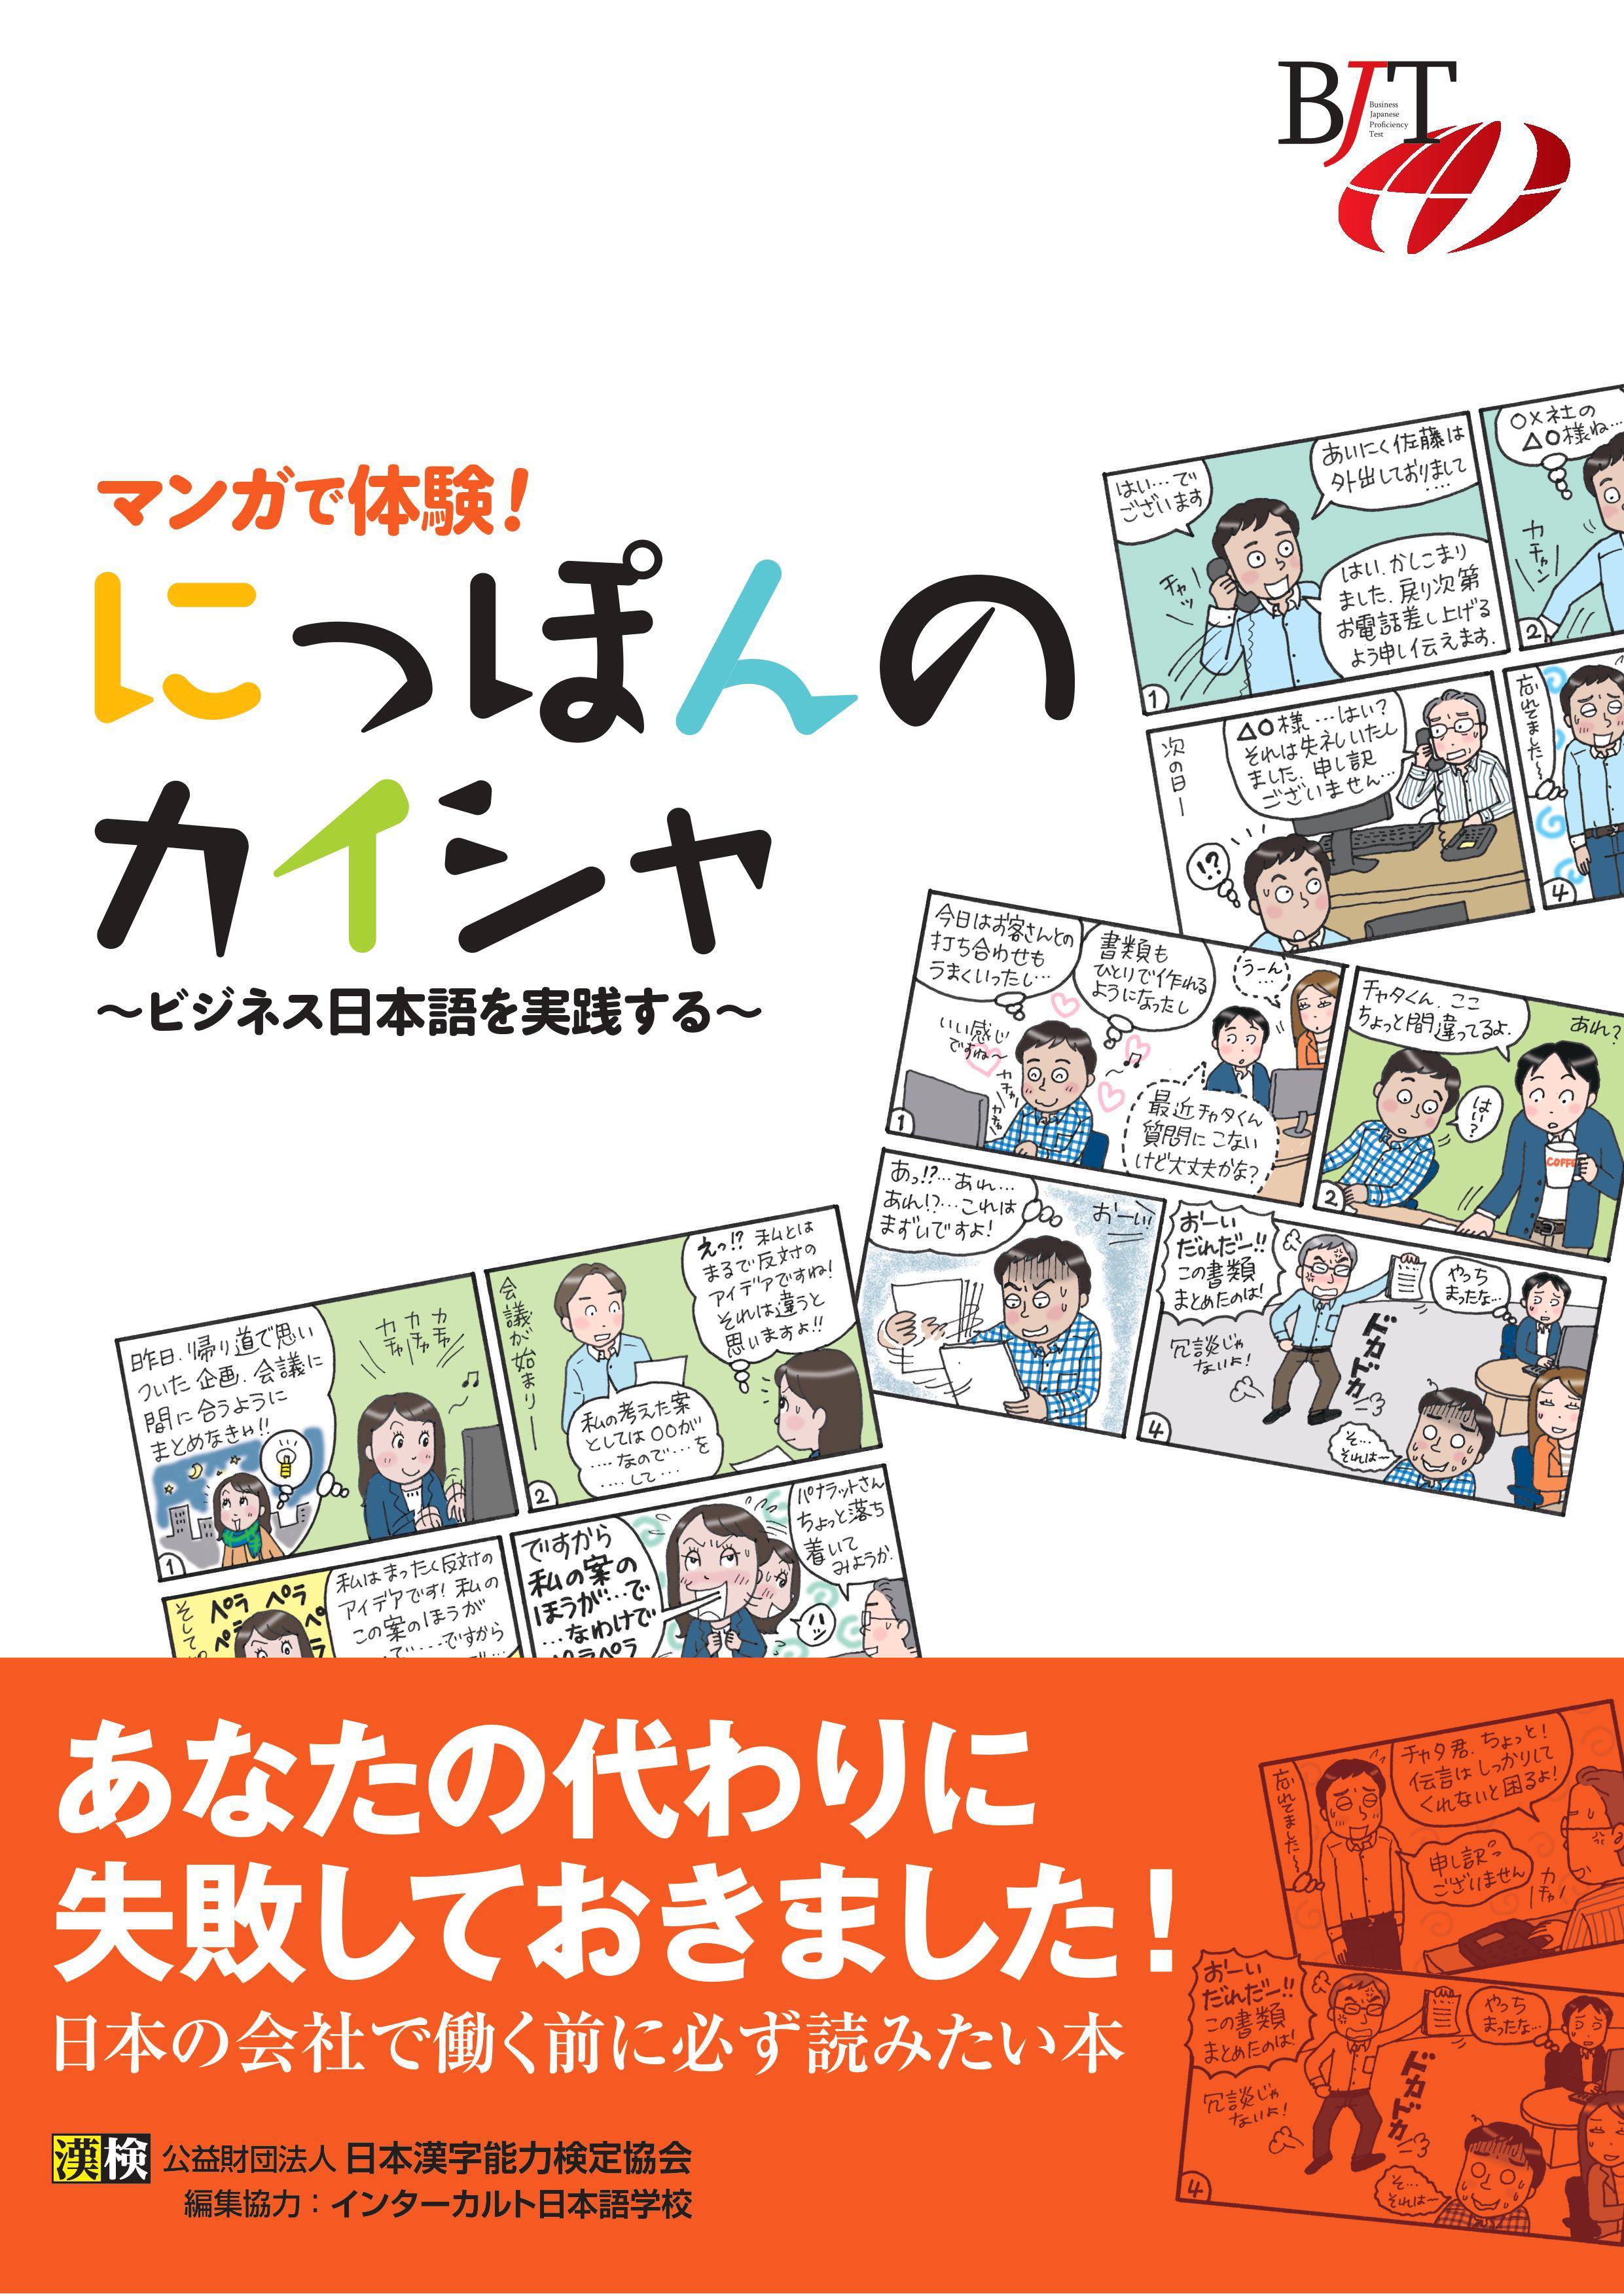 マンガで体験! にっぽんのカイシャ ~ビジネス日本語を実践する~画像